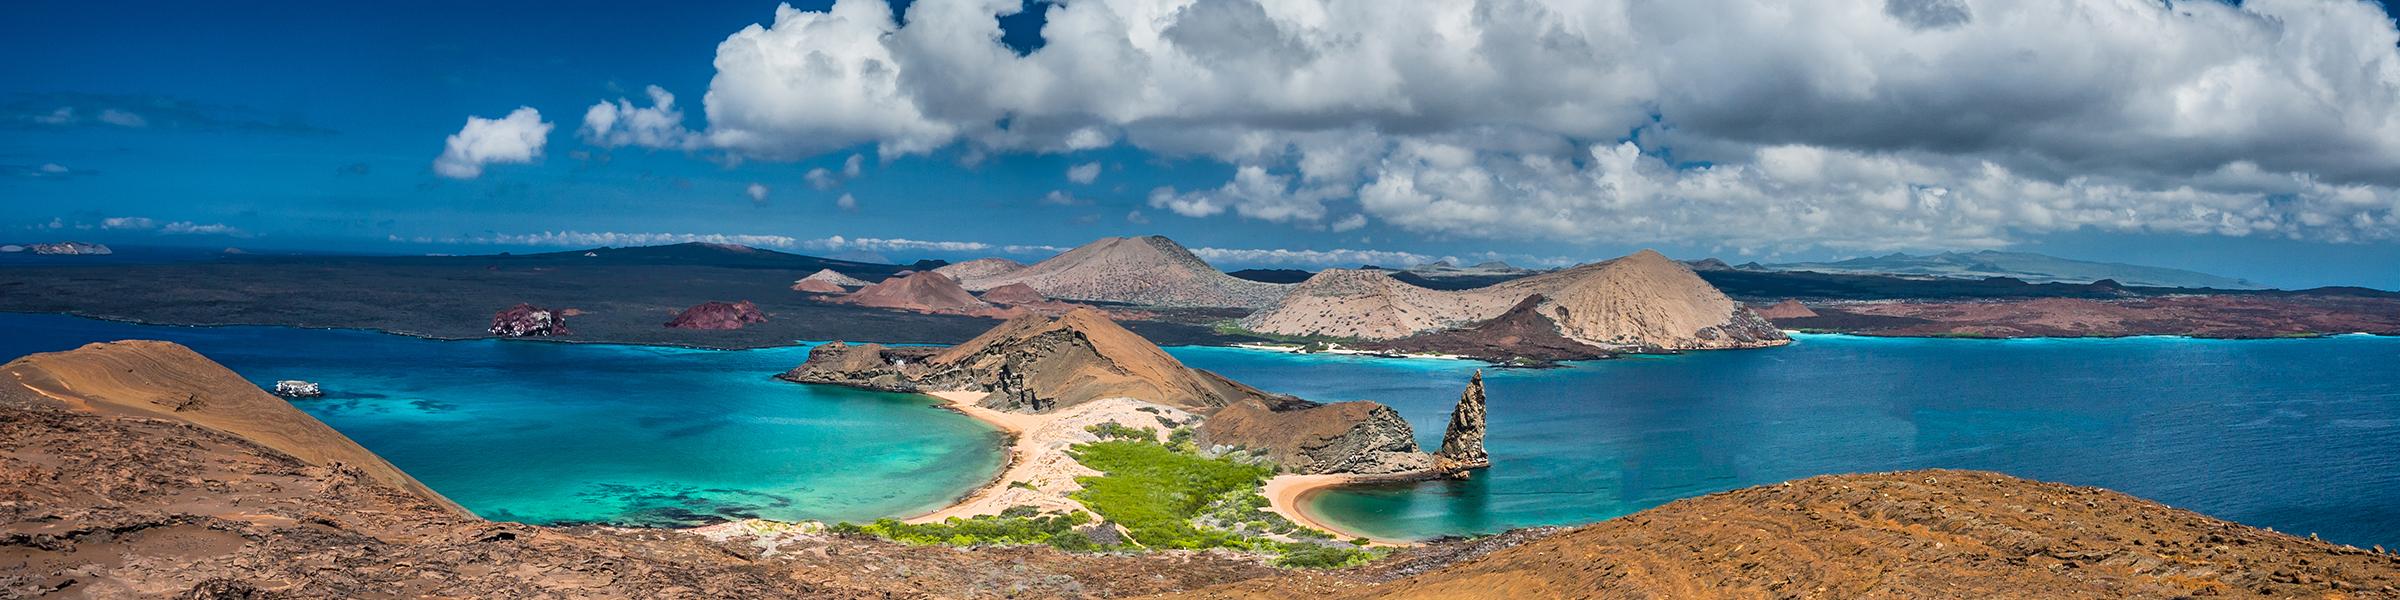 Ecuador Galápagos Islands